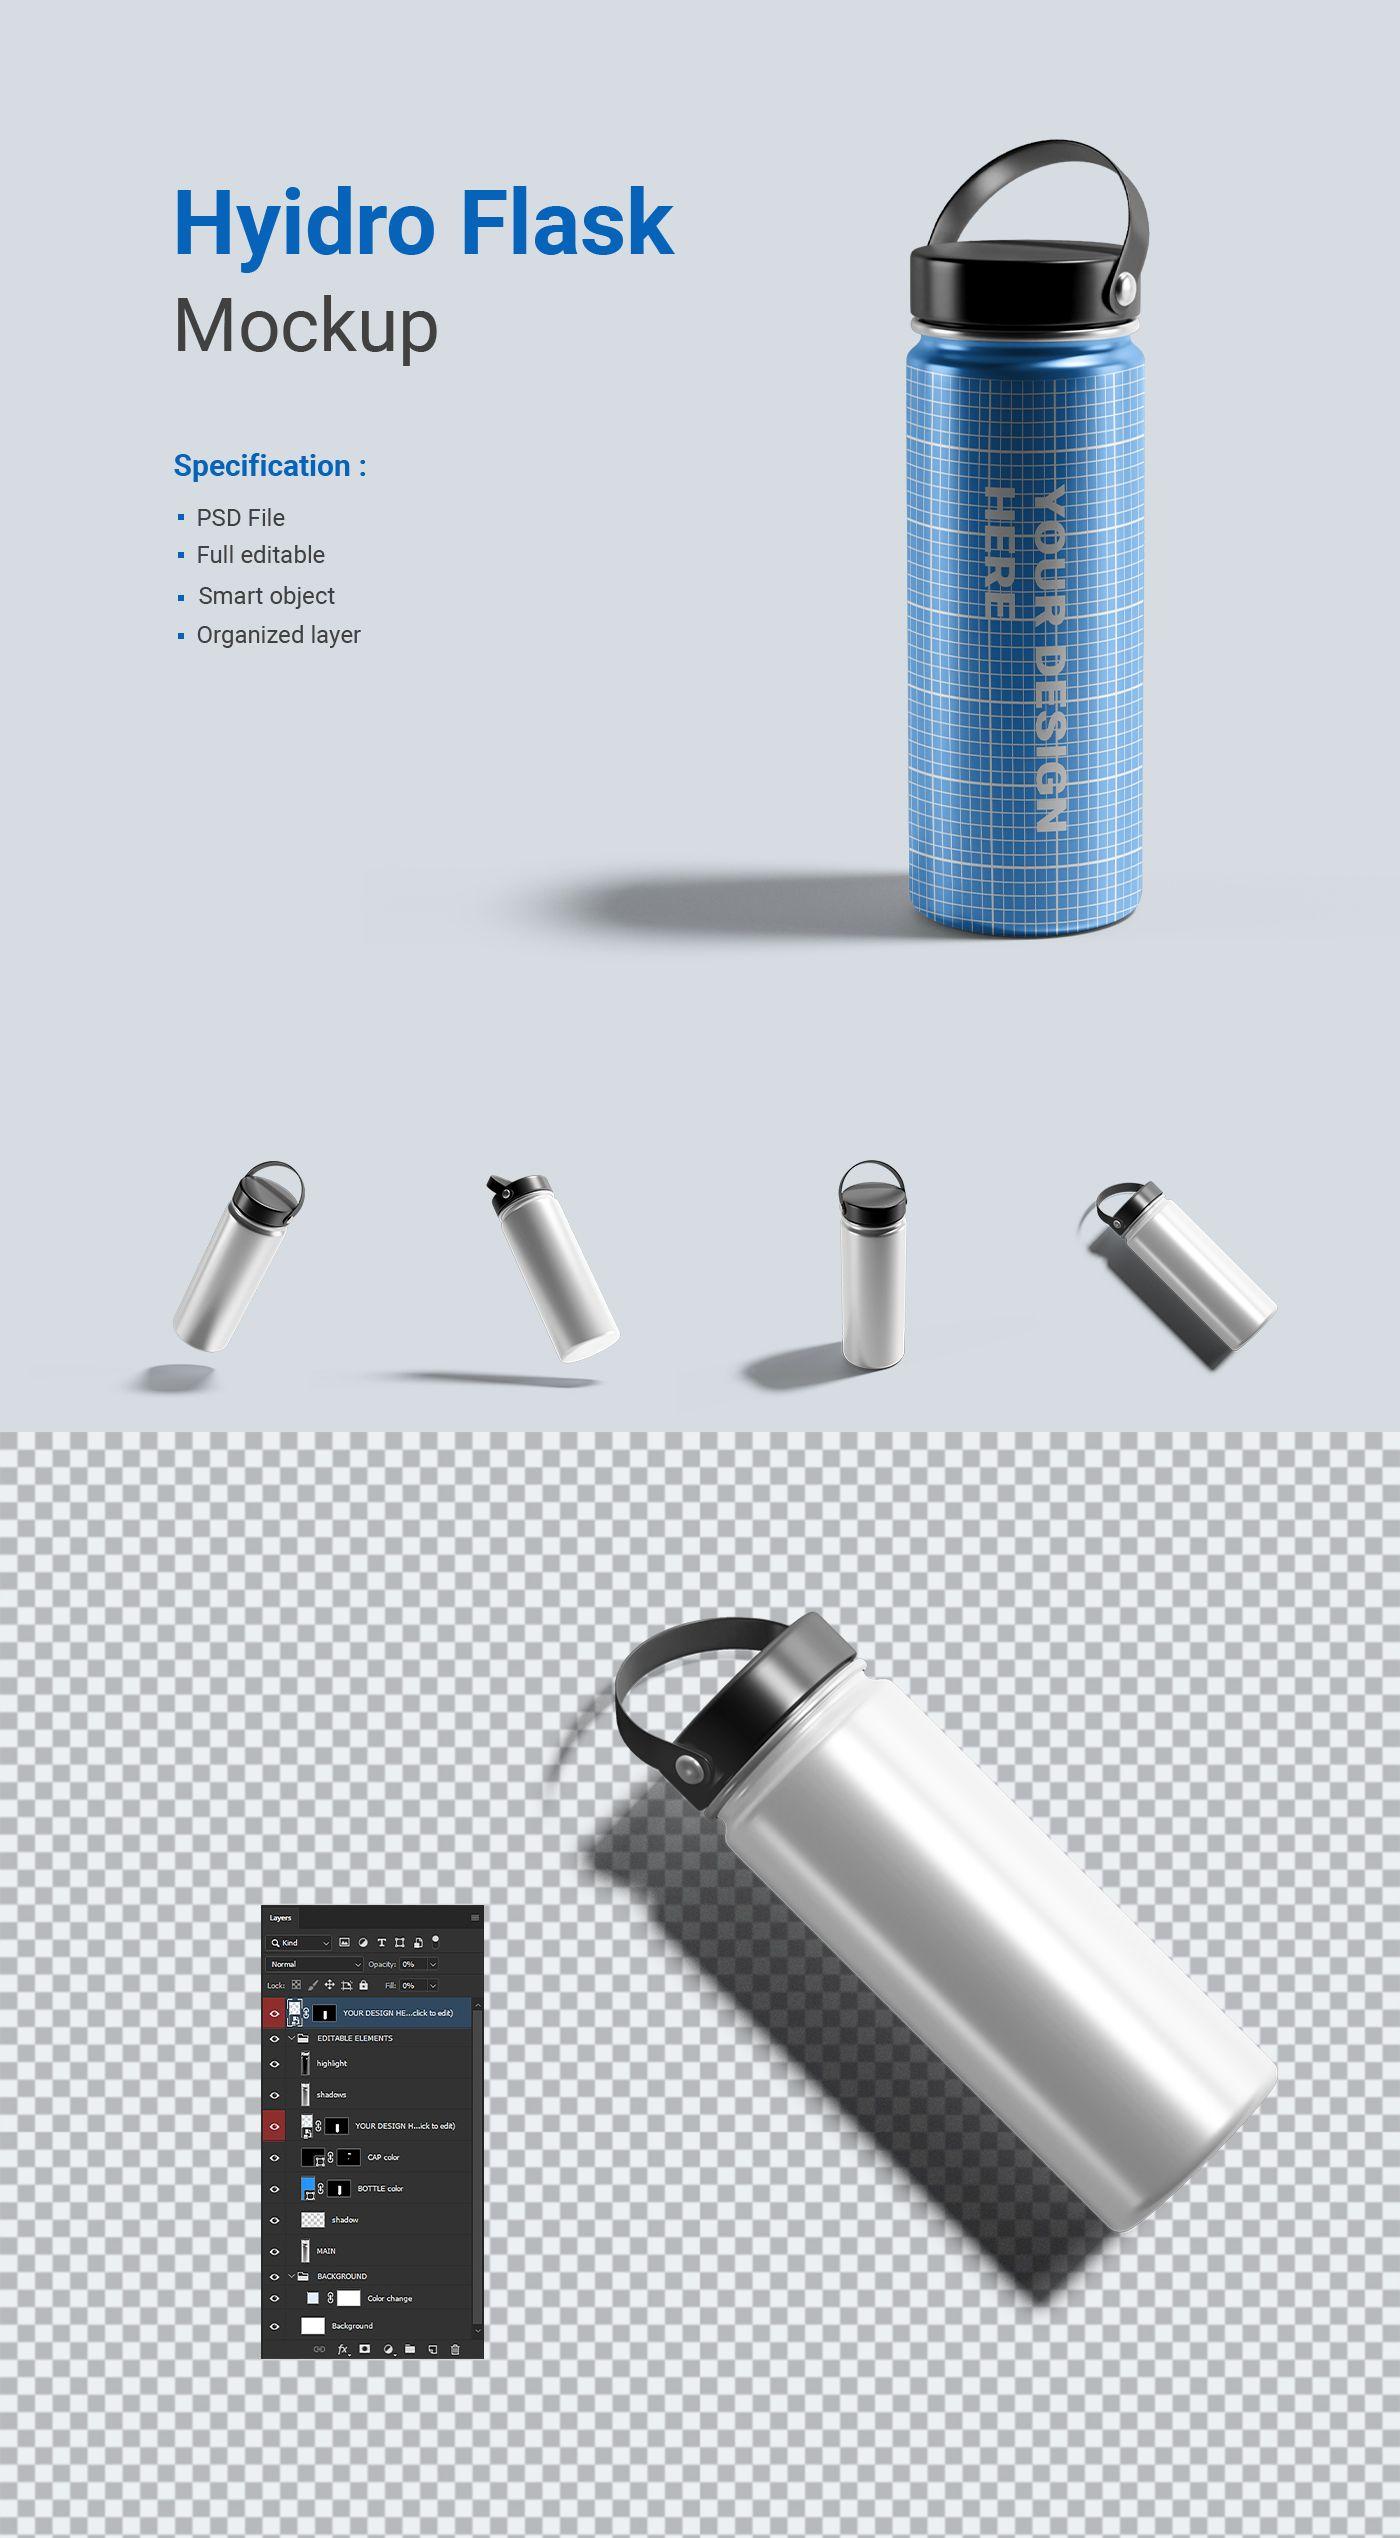 Download Hydro Flask Water Bottle Mockup In 2020 Hydro Flask Water Bottle Bottle Mockup Flask Water Bottle